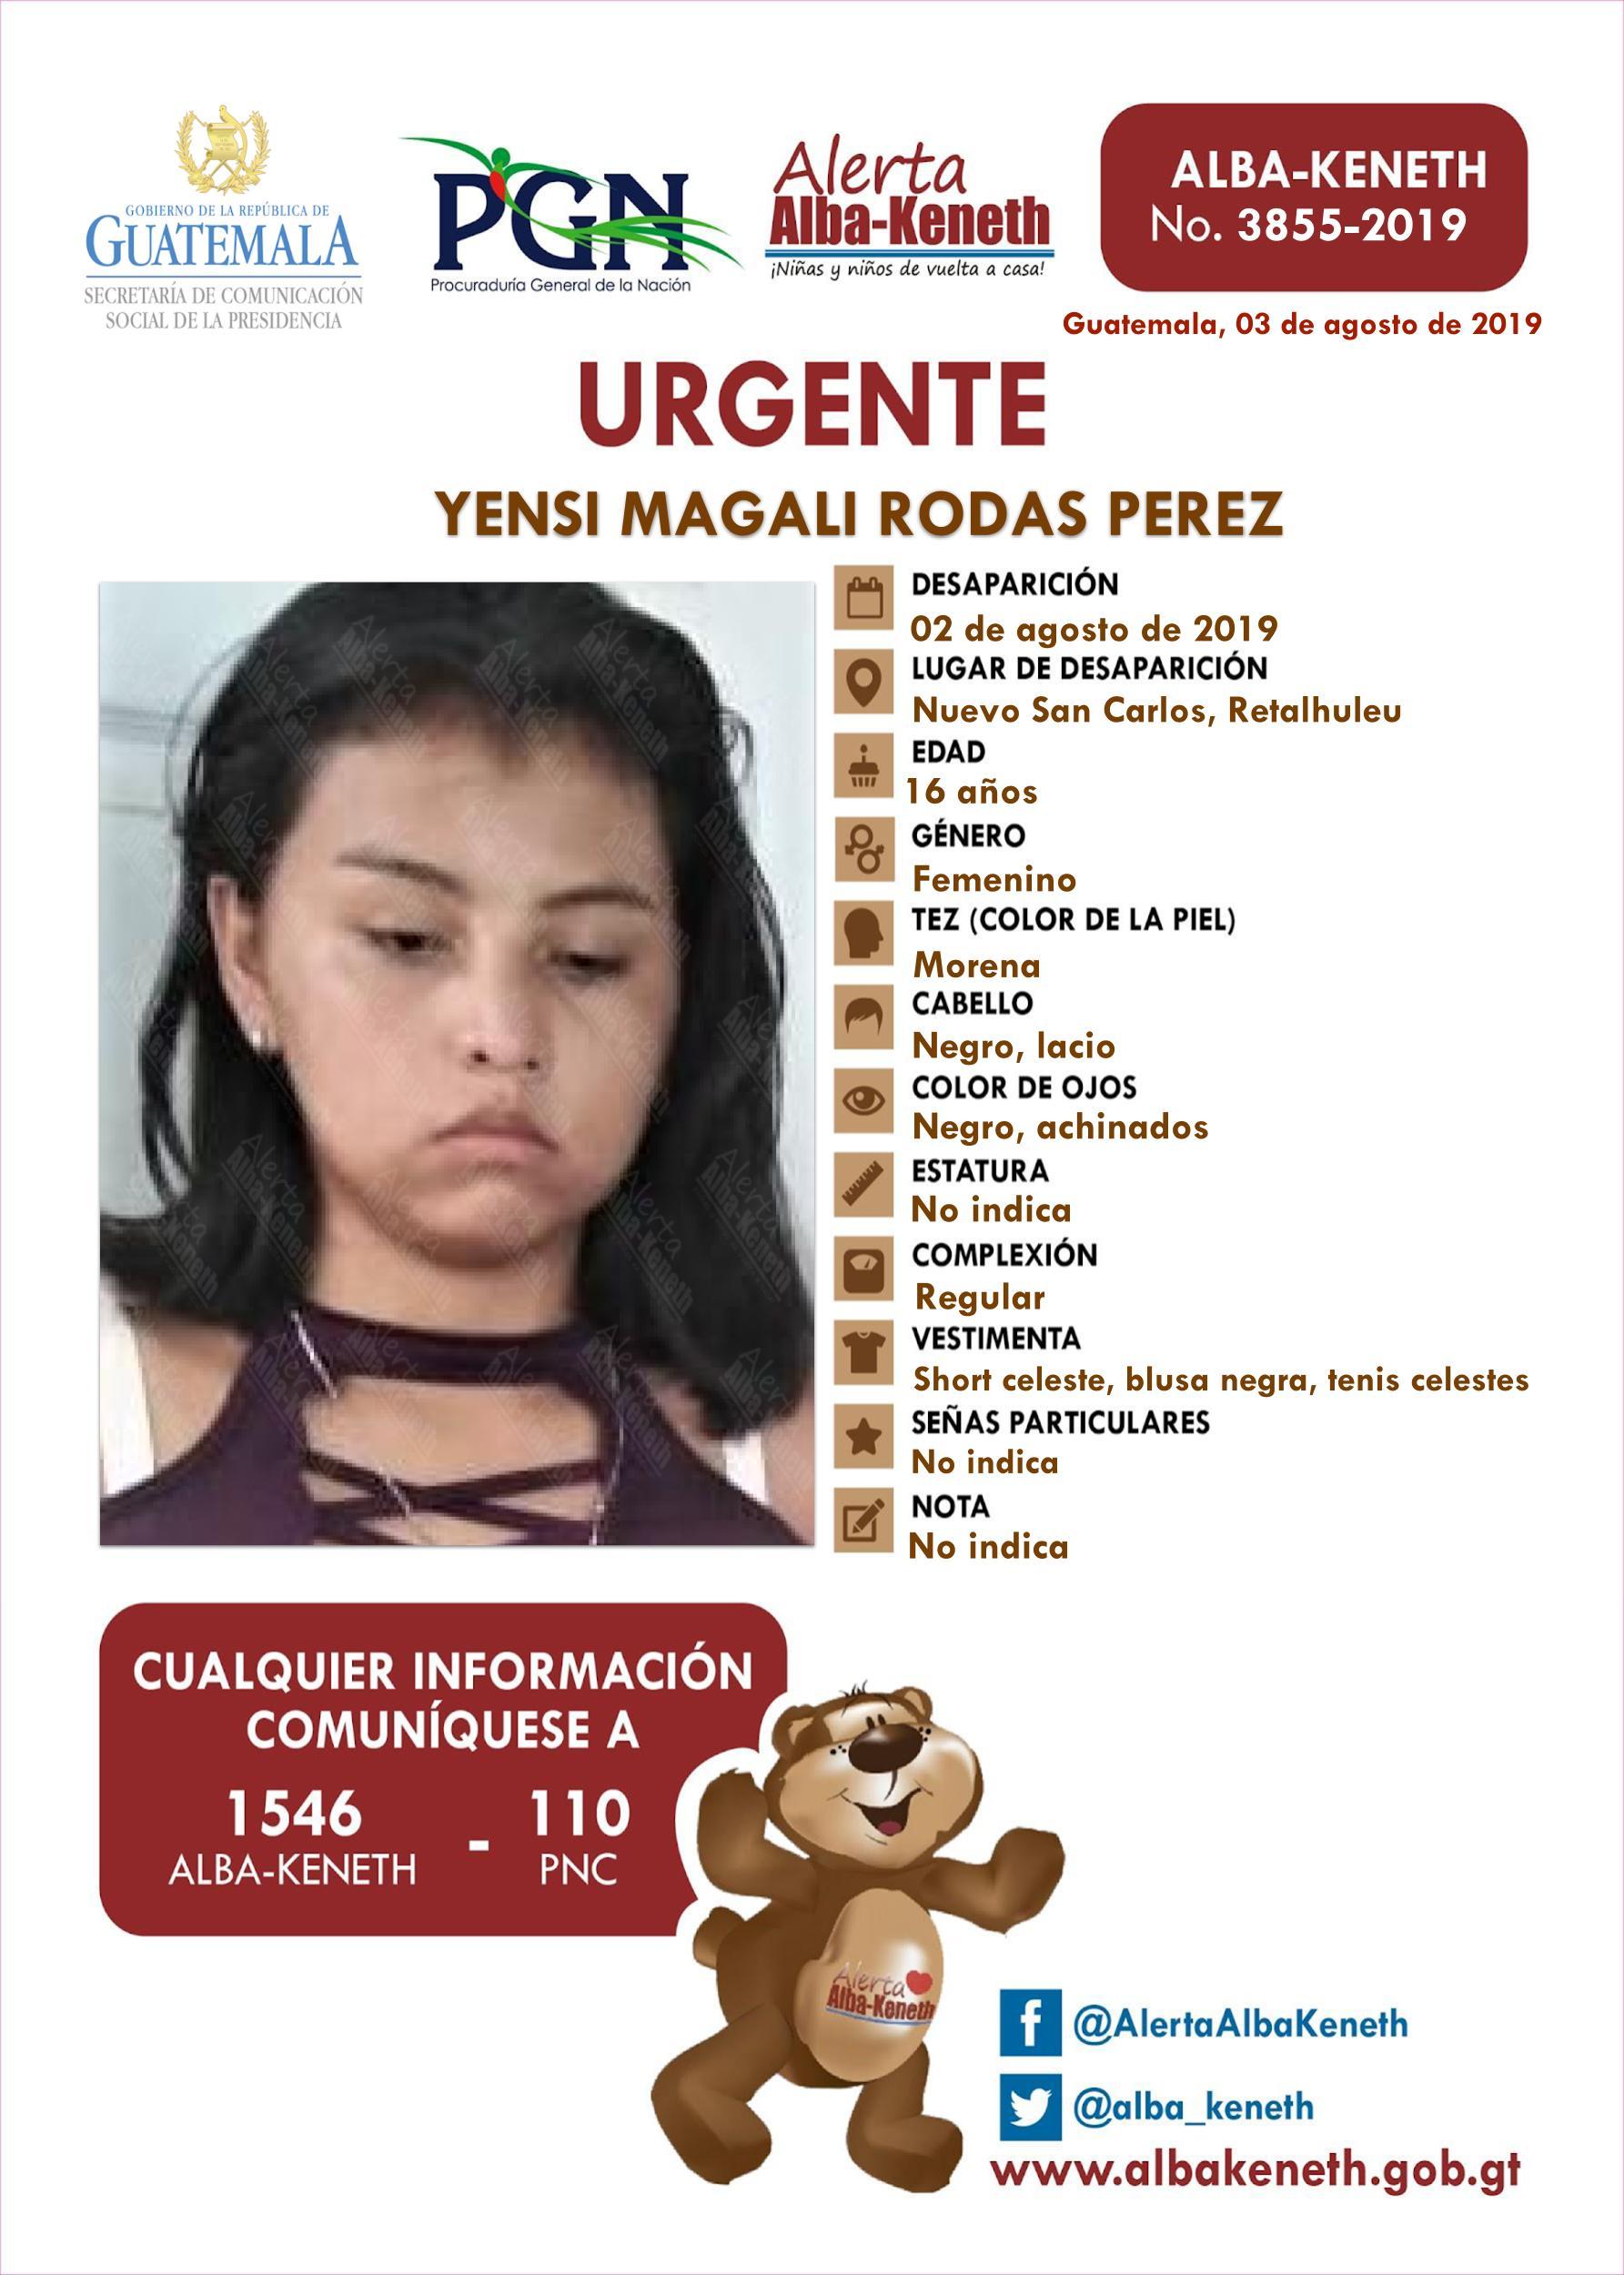 Yensi Magali Rodas Perez